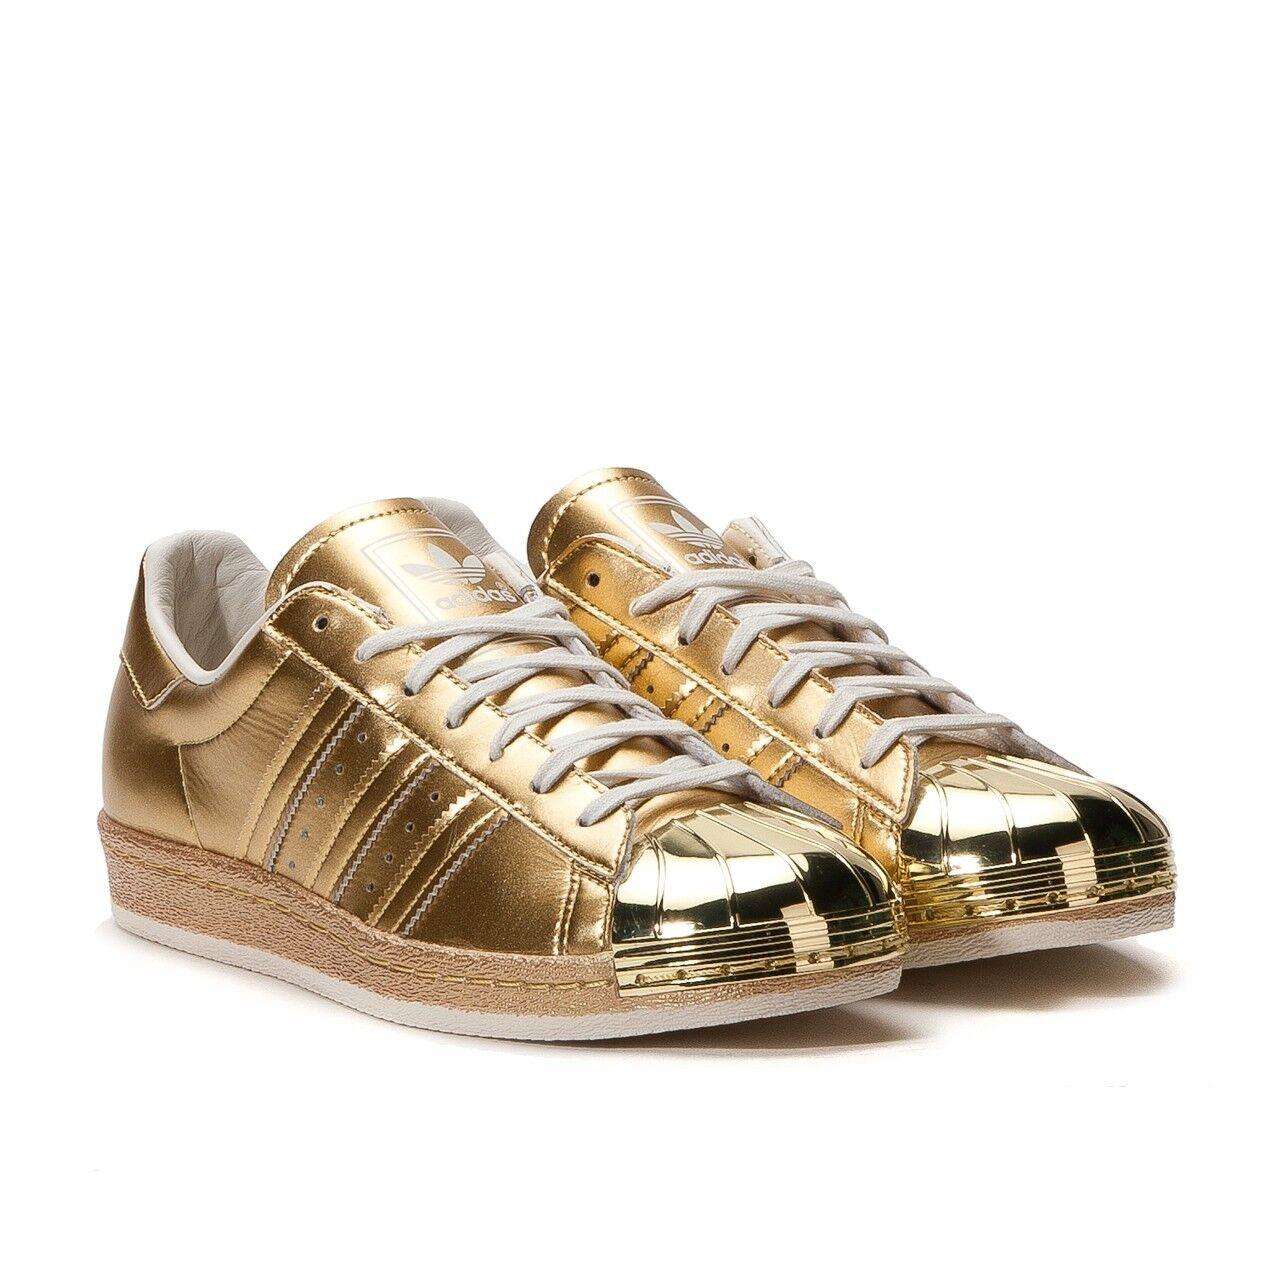 Adidas superstar gold 80 ist pack metallic - pack ist s82742 limited - edition - größe 151348